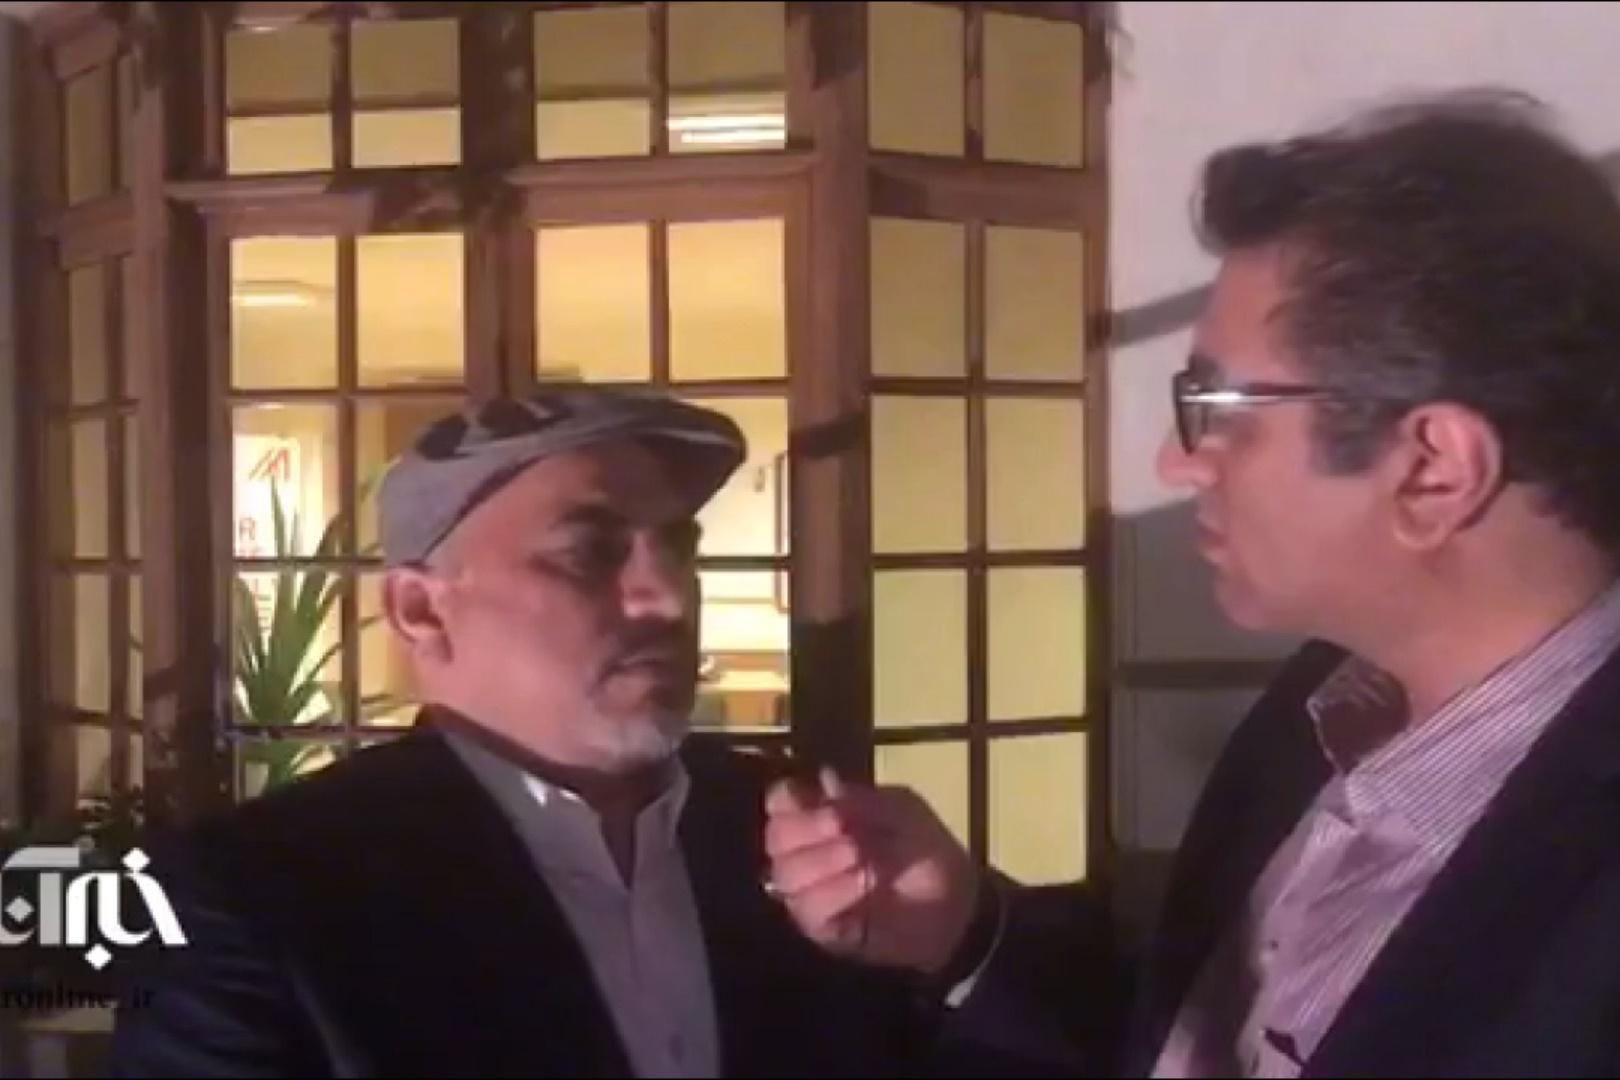 فیلم | برجام و علاقهمندی شرکتهای خارجی برای سرمایهگذاری در ایران